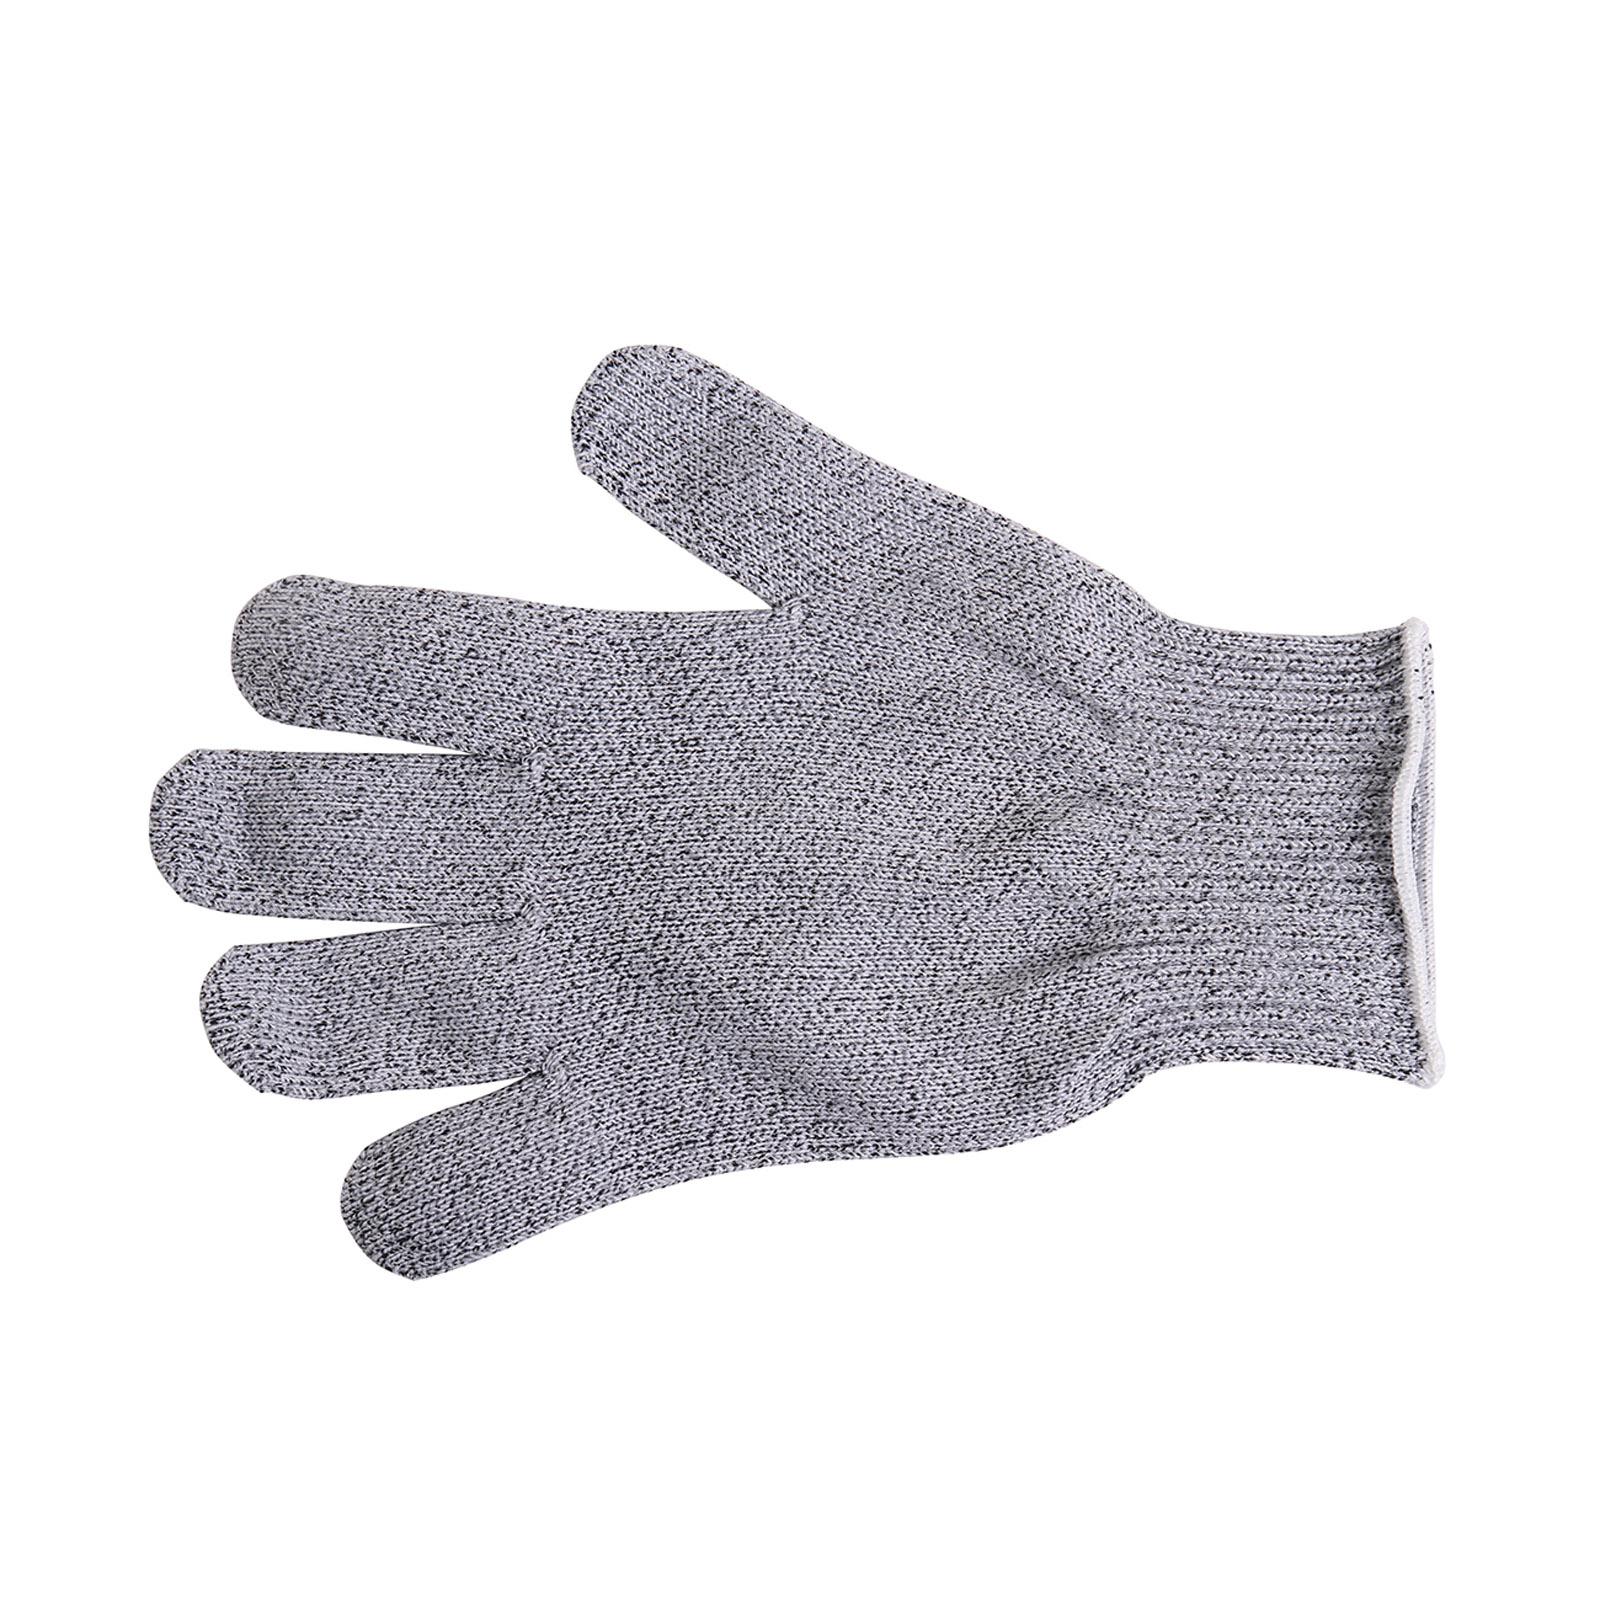 Mercer Culinary M33412L glove, cut resistant